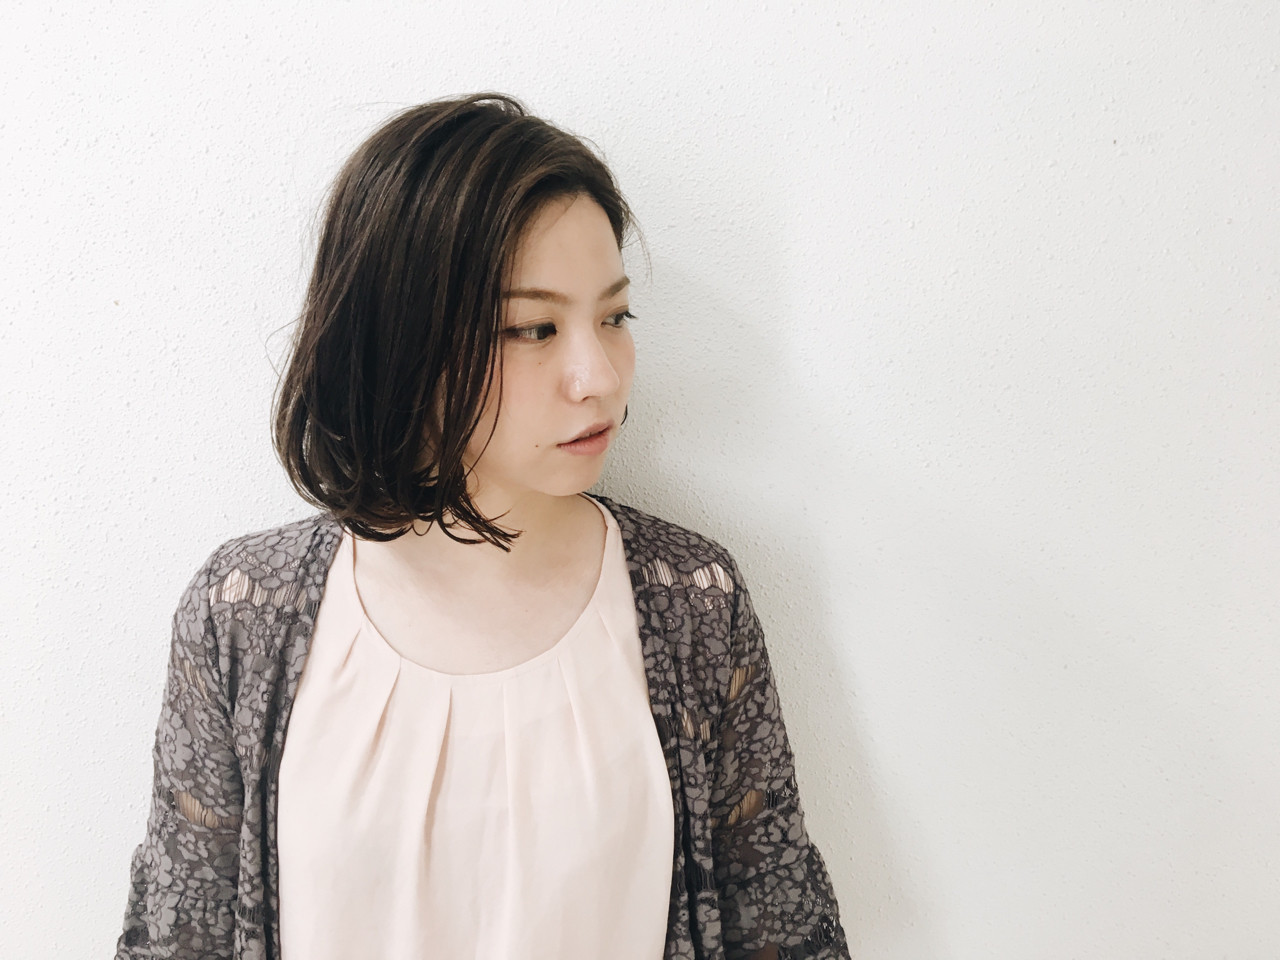 色気 ハイライト ワンカール 透明感 ヘアスタイルや髪型の写真・画像